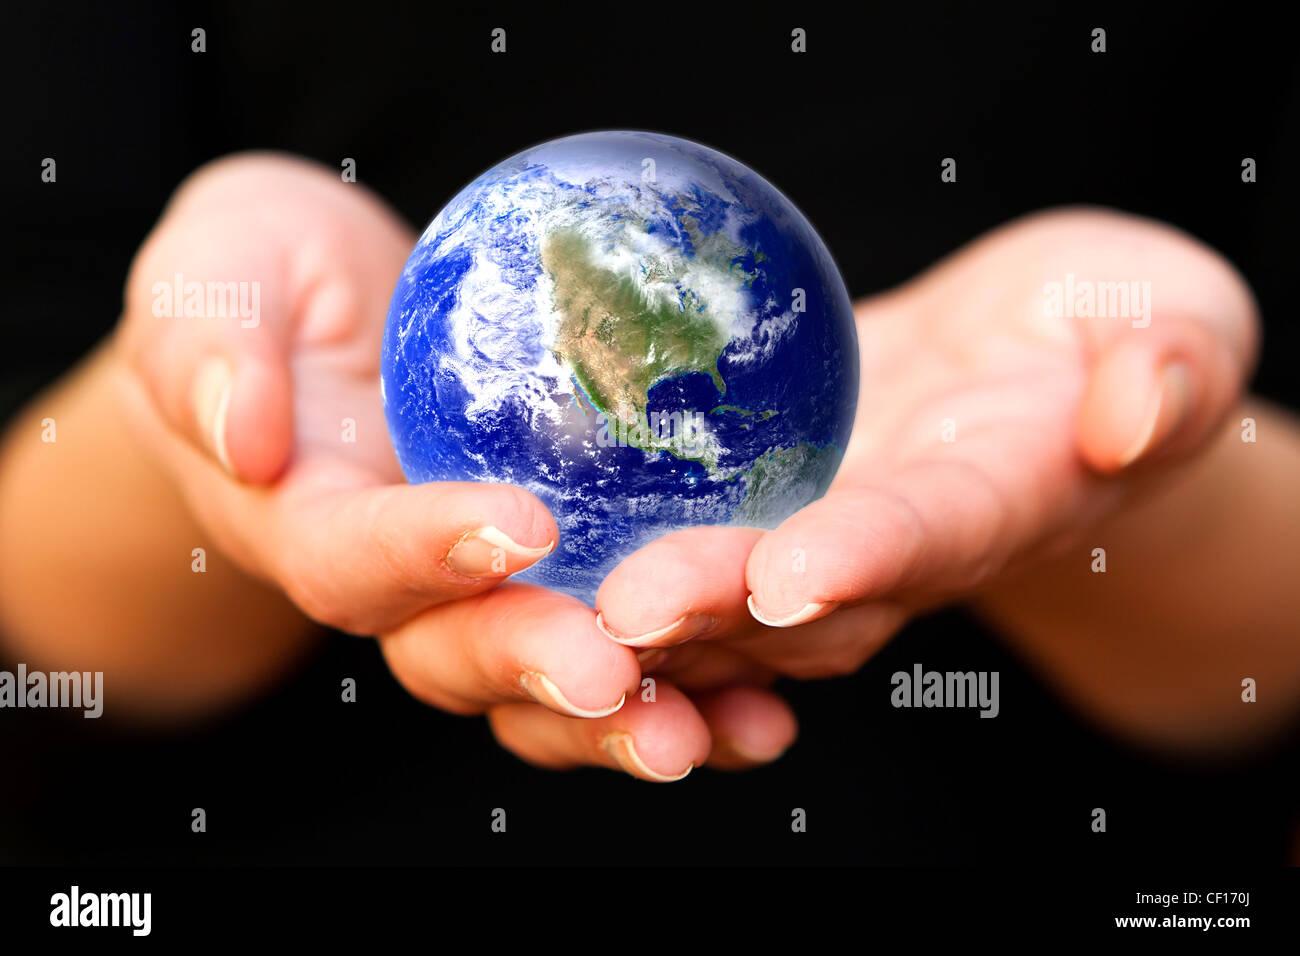 Las manos cuidadosamente la celebración de planeta Tierra. Mundo de cristal Imagen De Stock